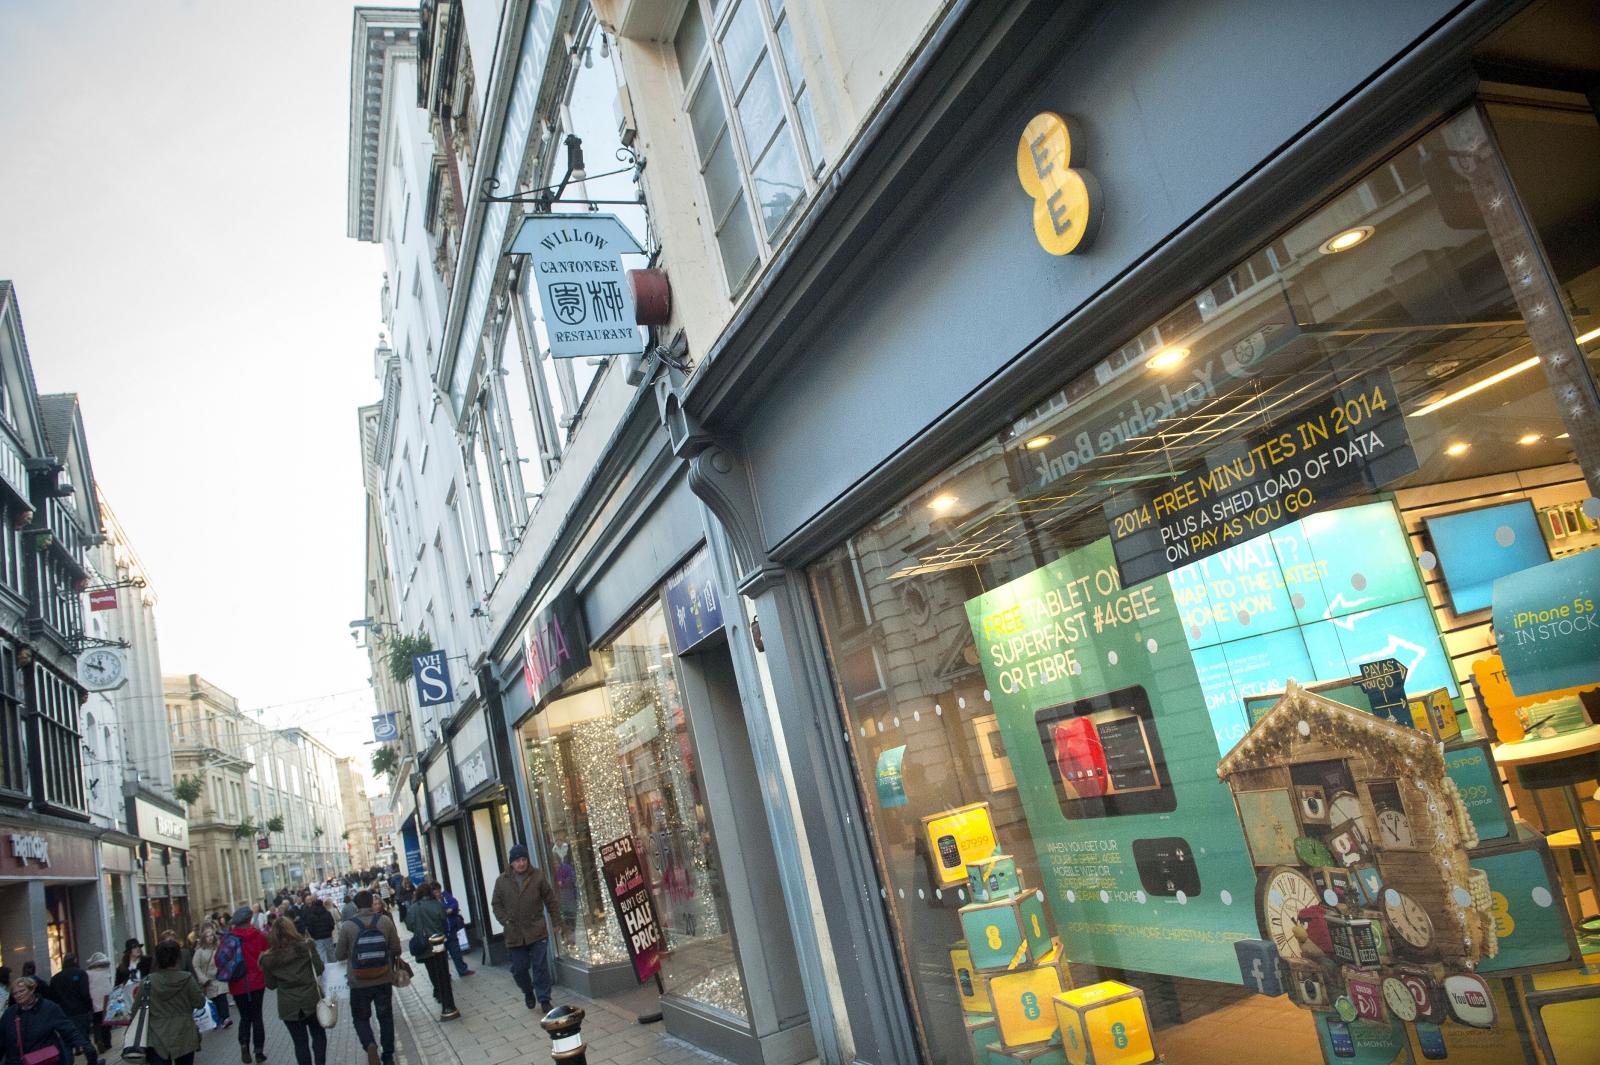 EE overcharges customers